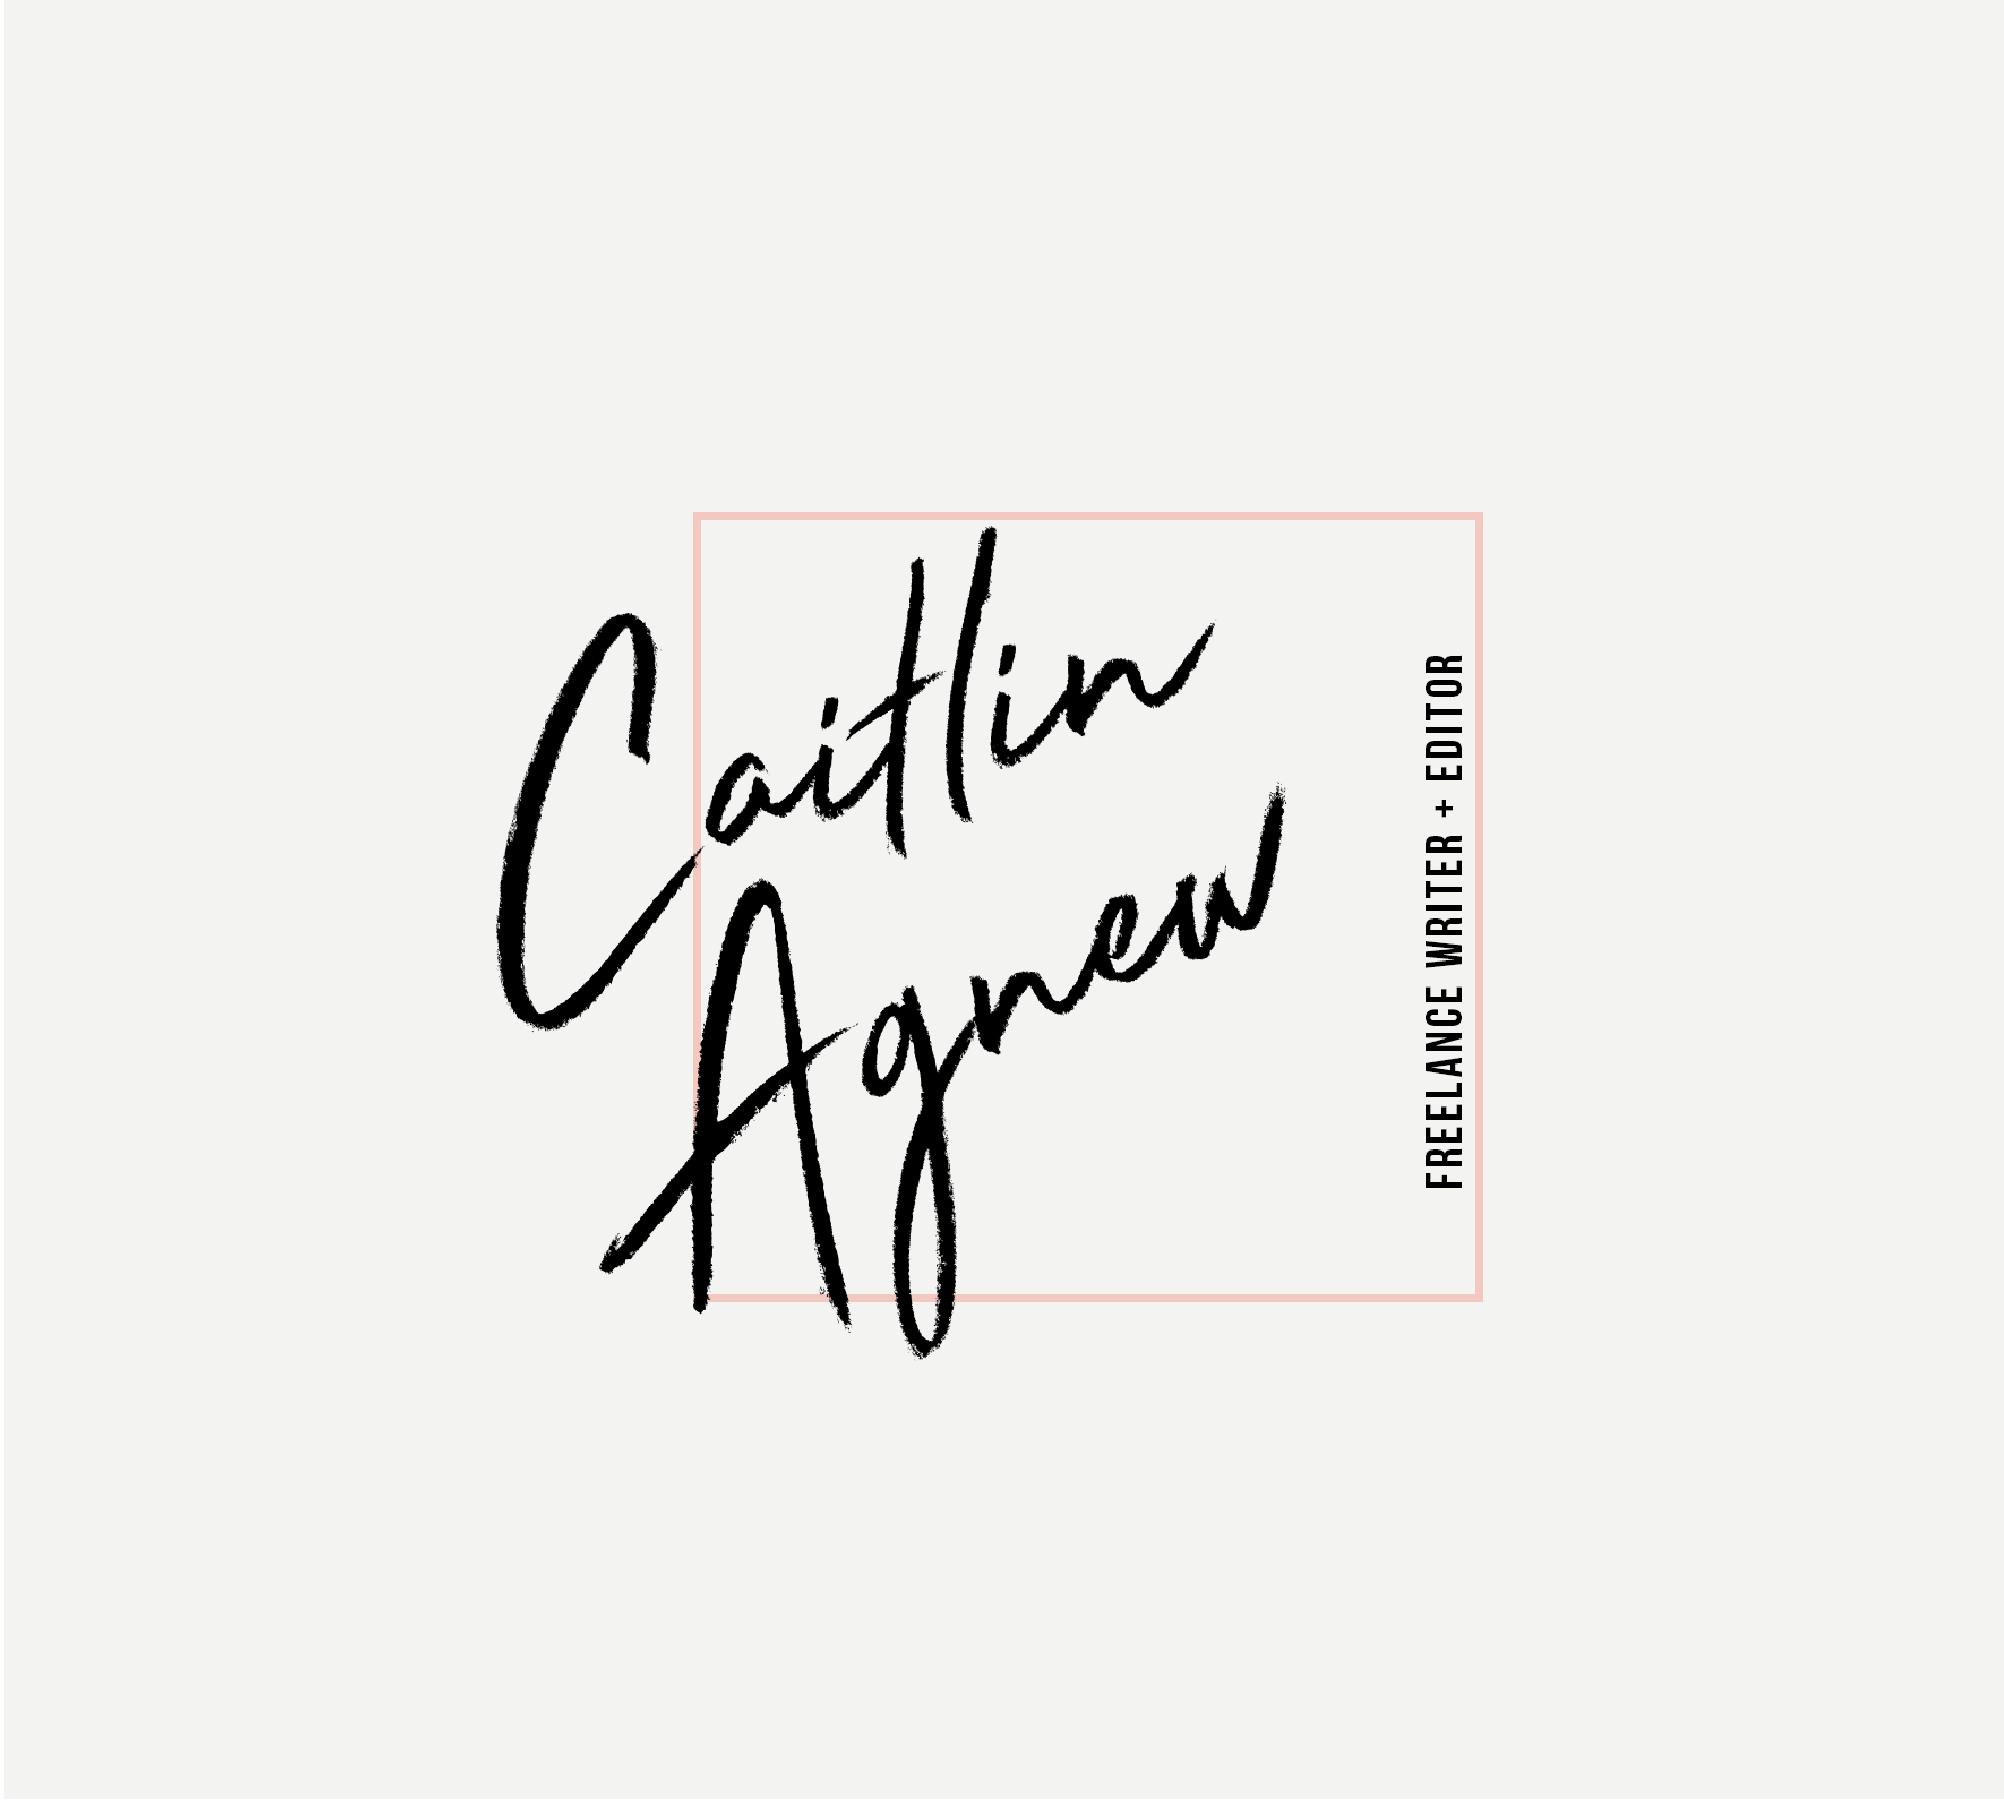 Caitlin-Agnew-full.jpg